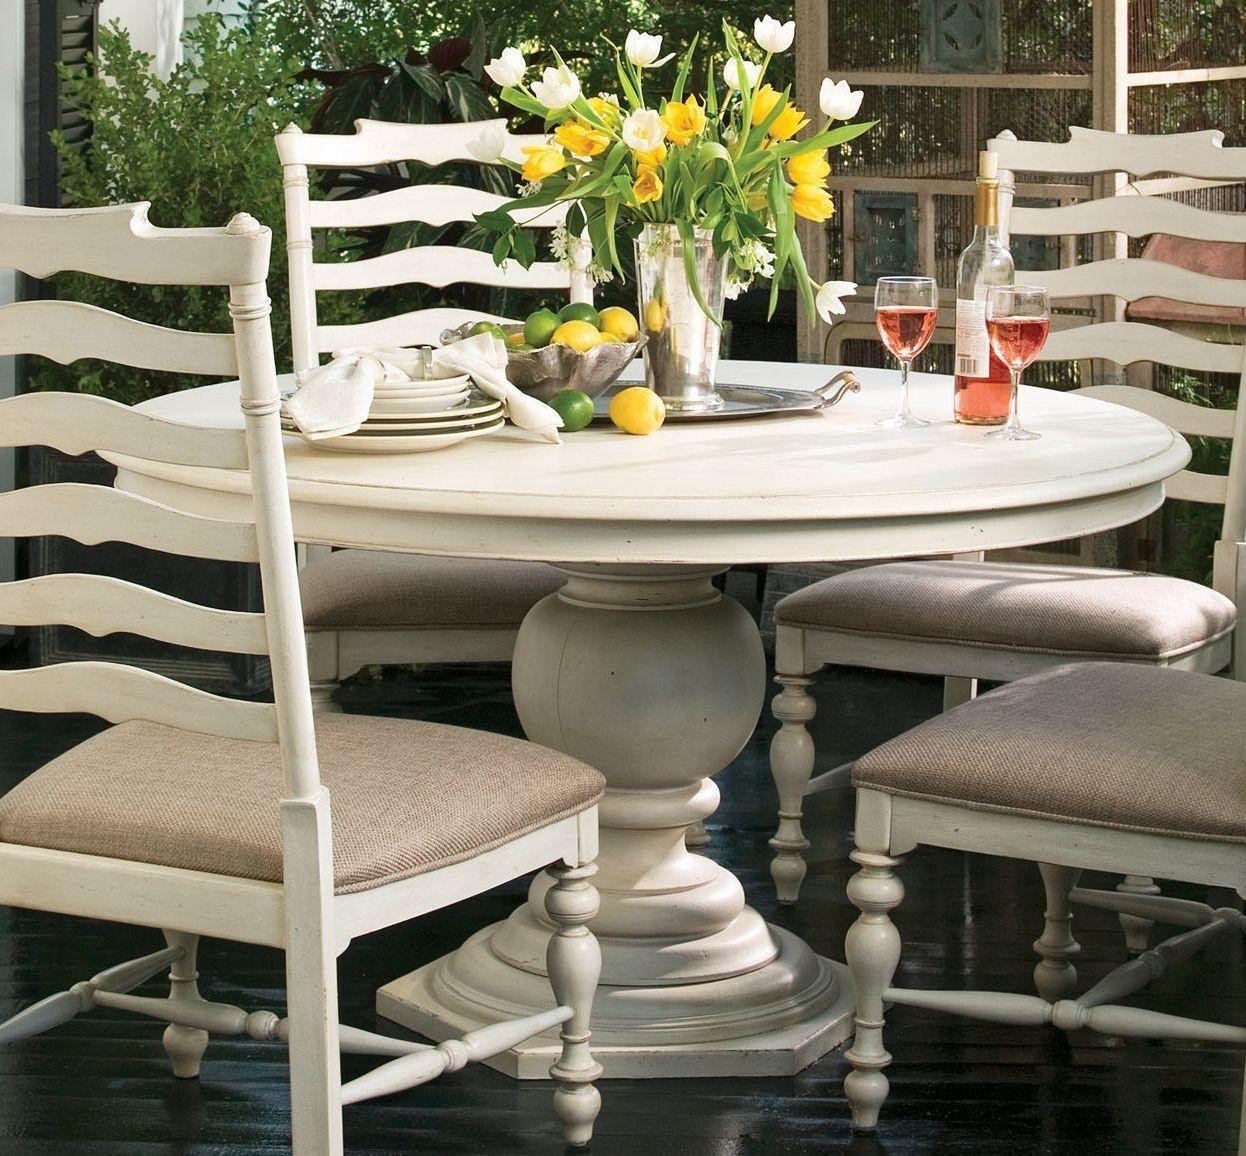 paula deen home linen round pedestal extendable dining table from paula deen 996655 coleman. Black Bedroom Furniture Sets. Home Design Ideas